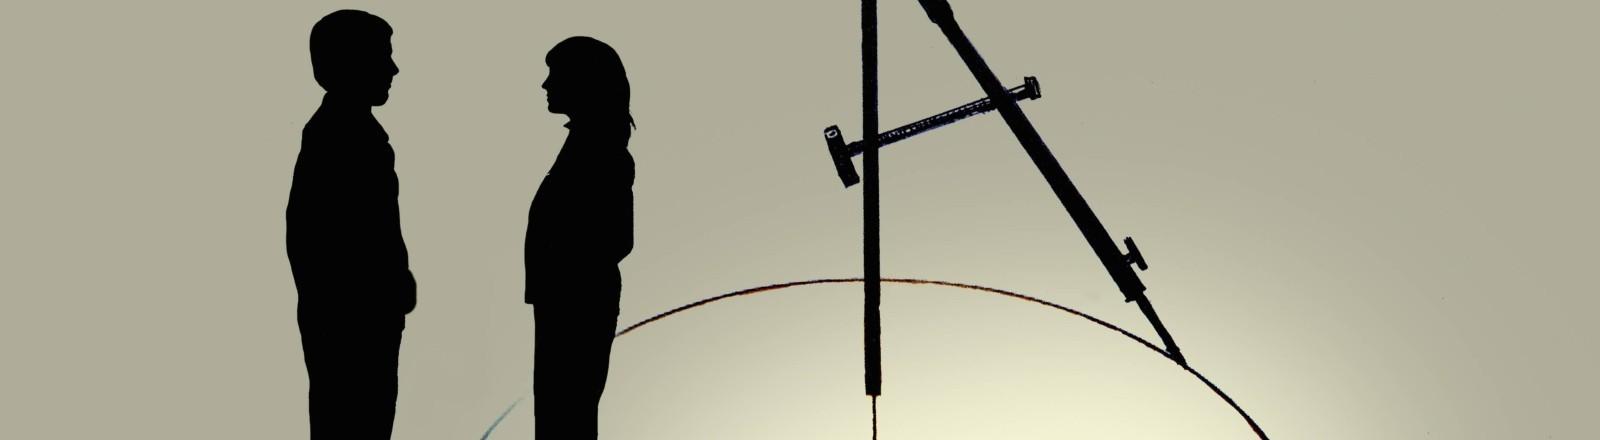 Eine Hand von oben trennt eine Frau und einen Mann durch einen Kreis.